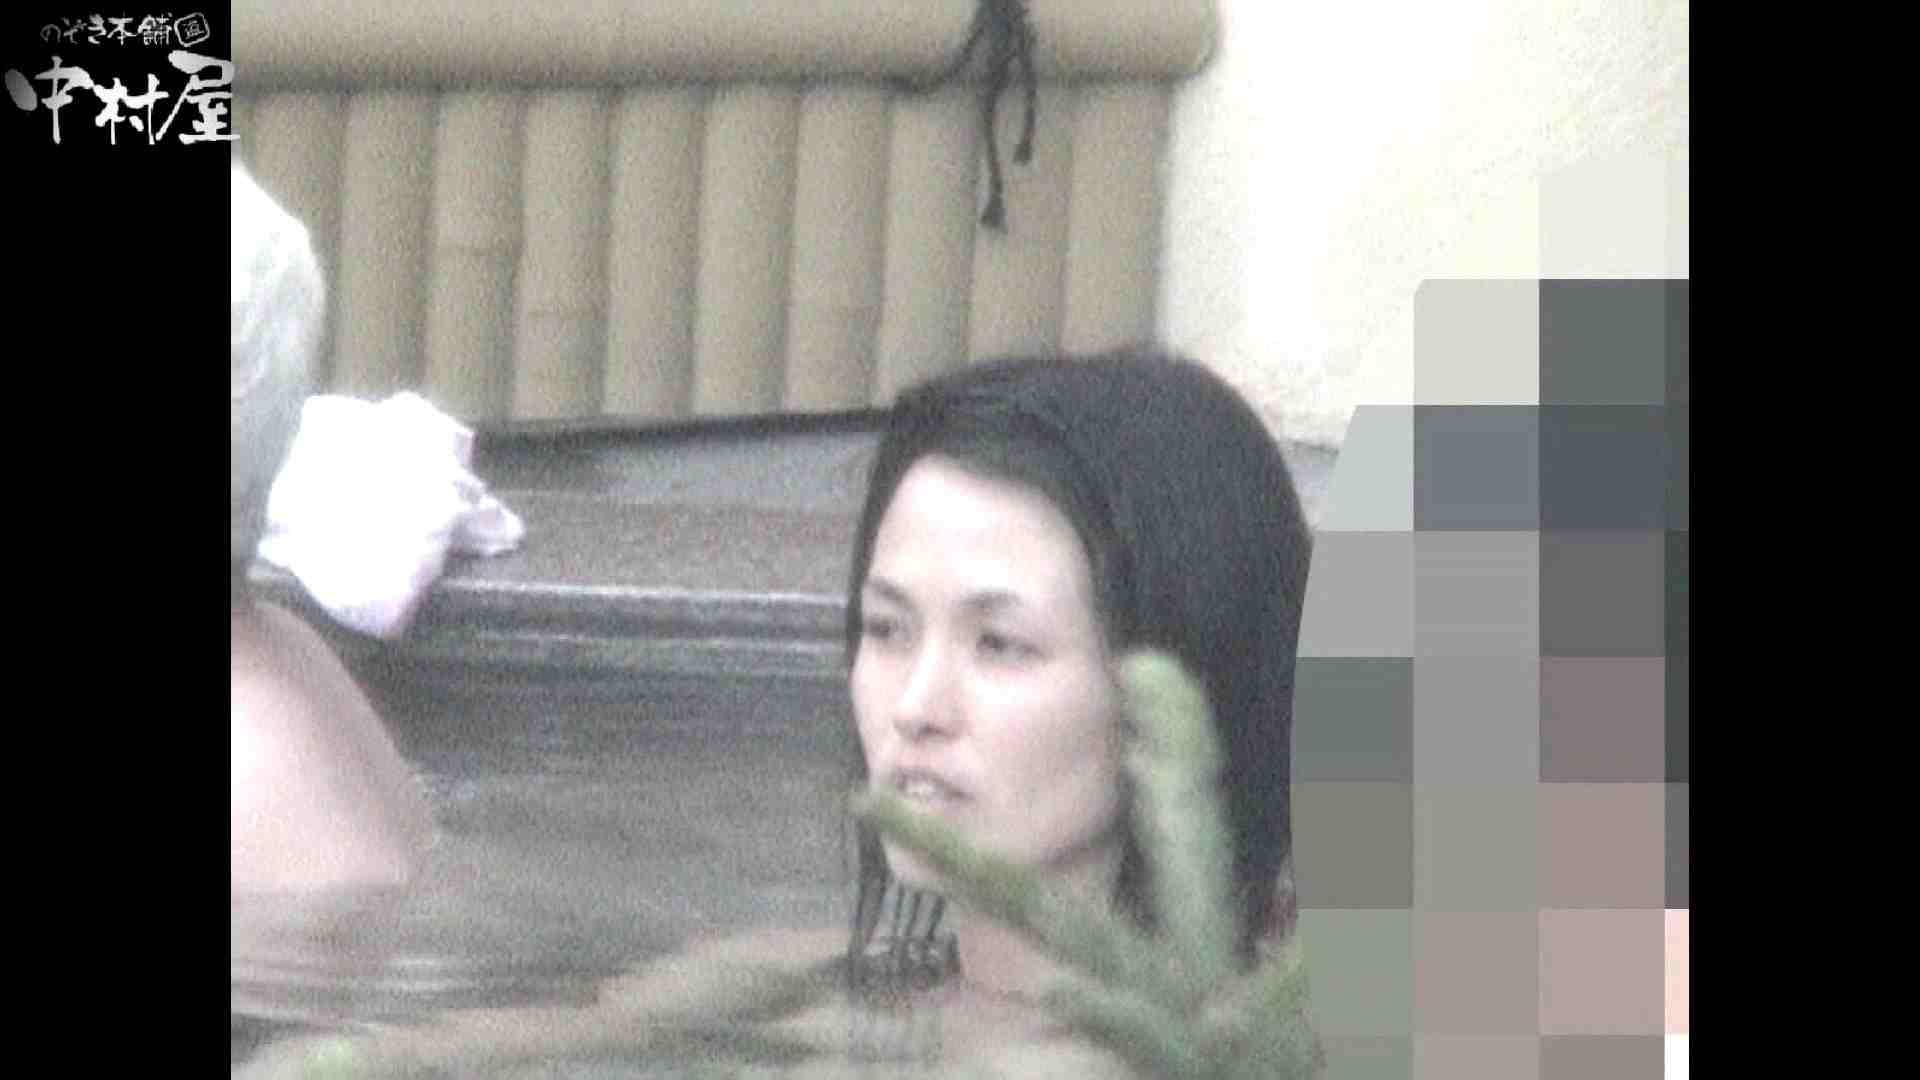 Aquaな露天風呂Vol.933 OLエロ画像  78PICs 66